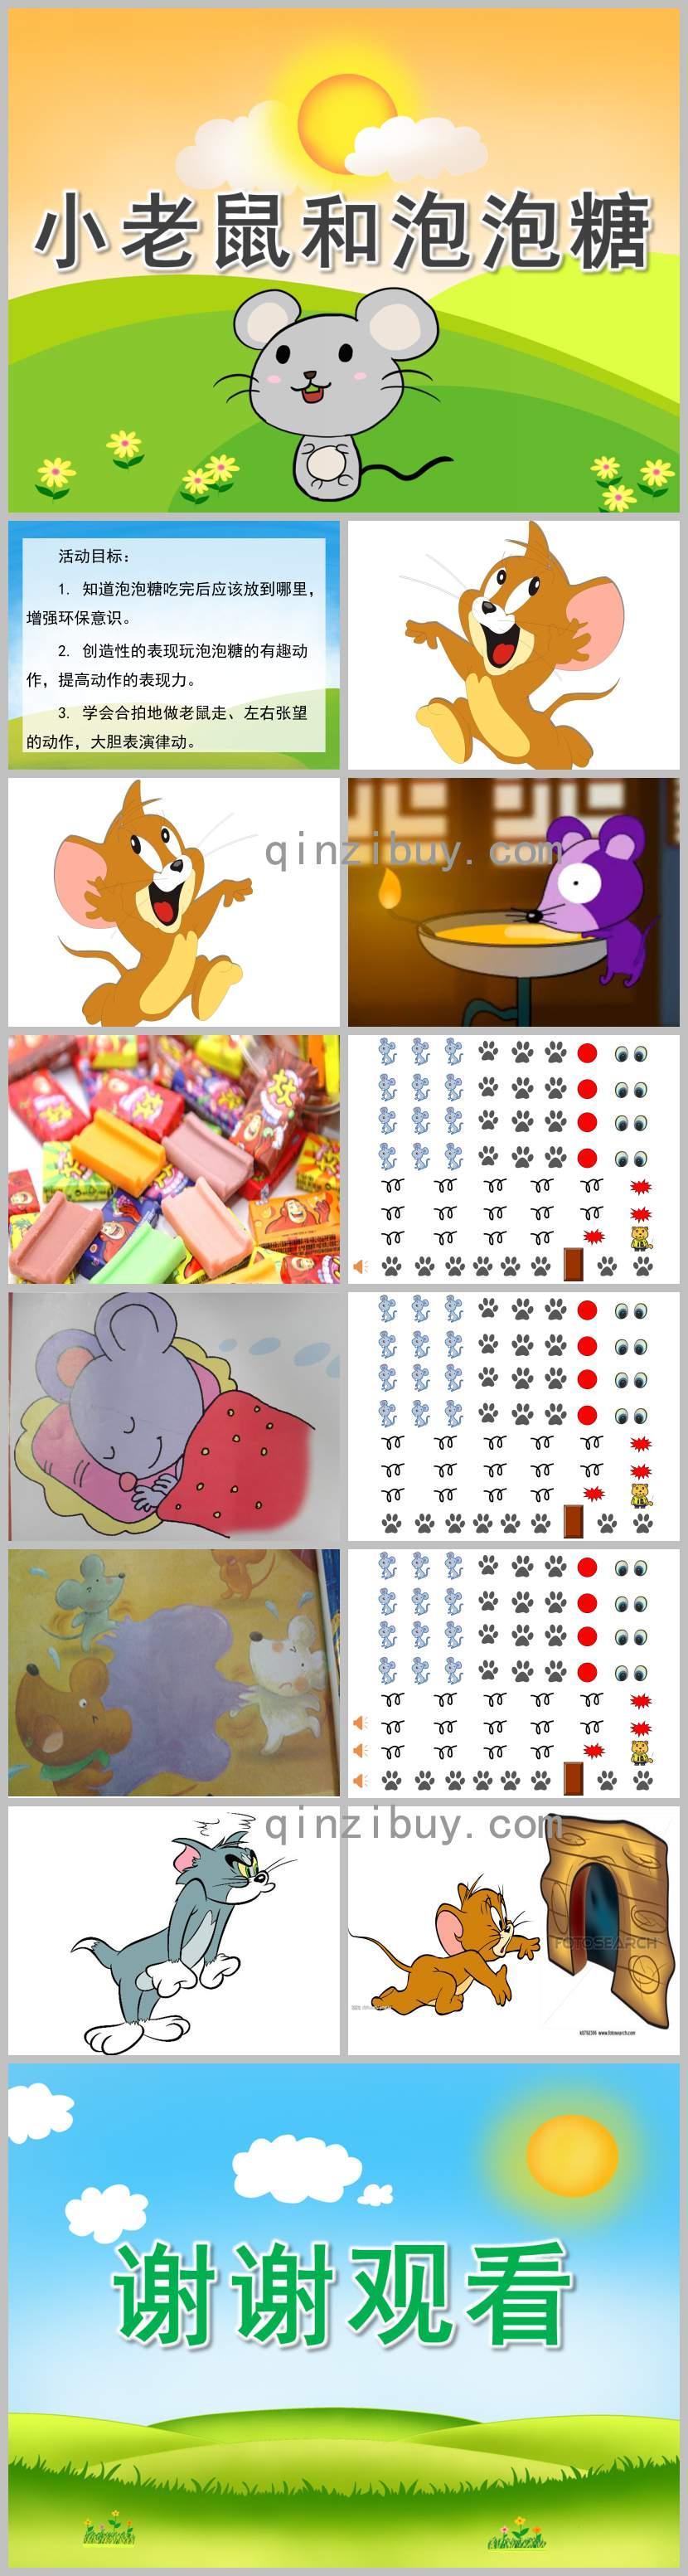 小老鼠和泡泡糖PPT课件教案图片